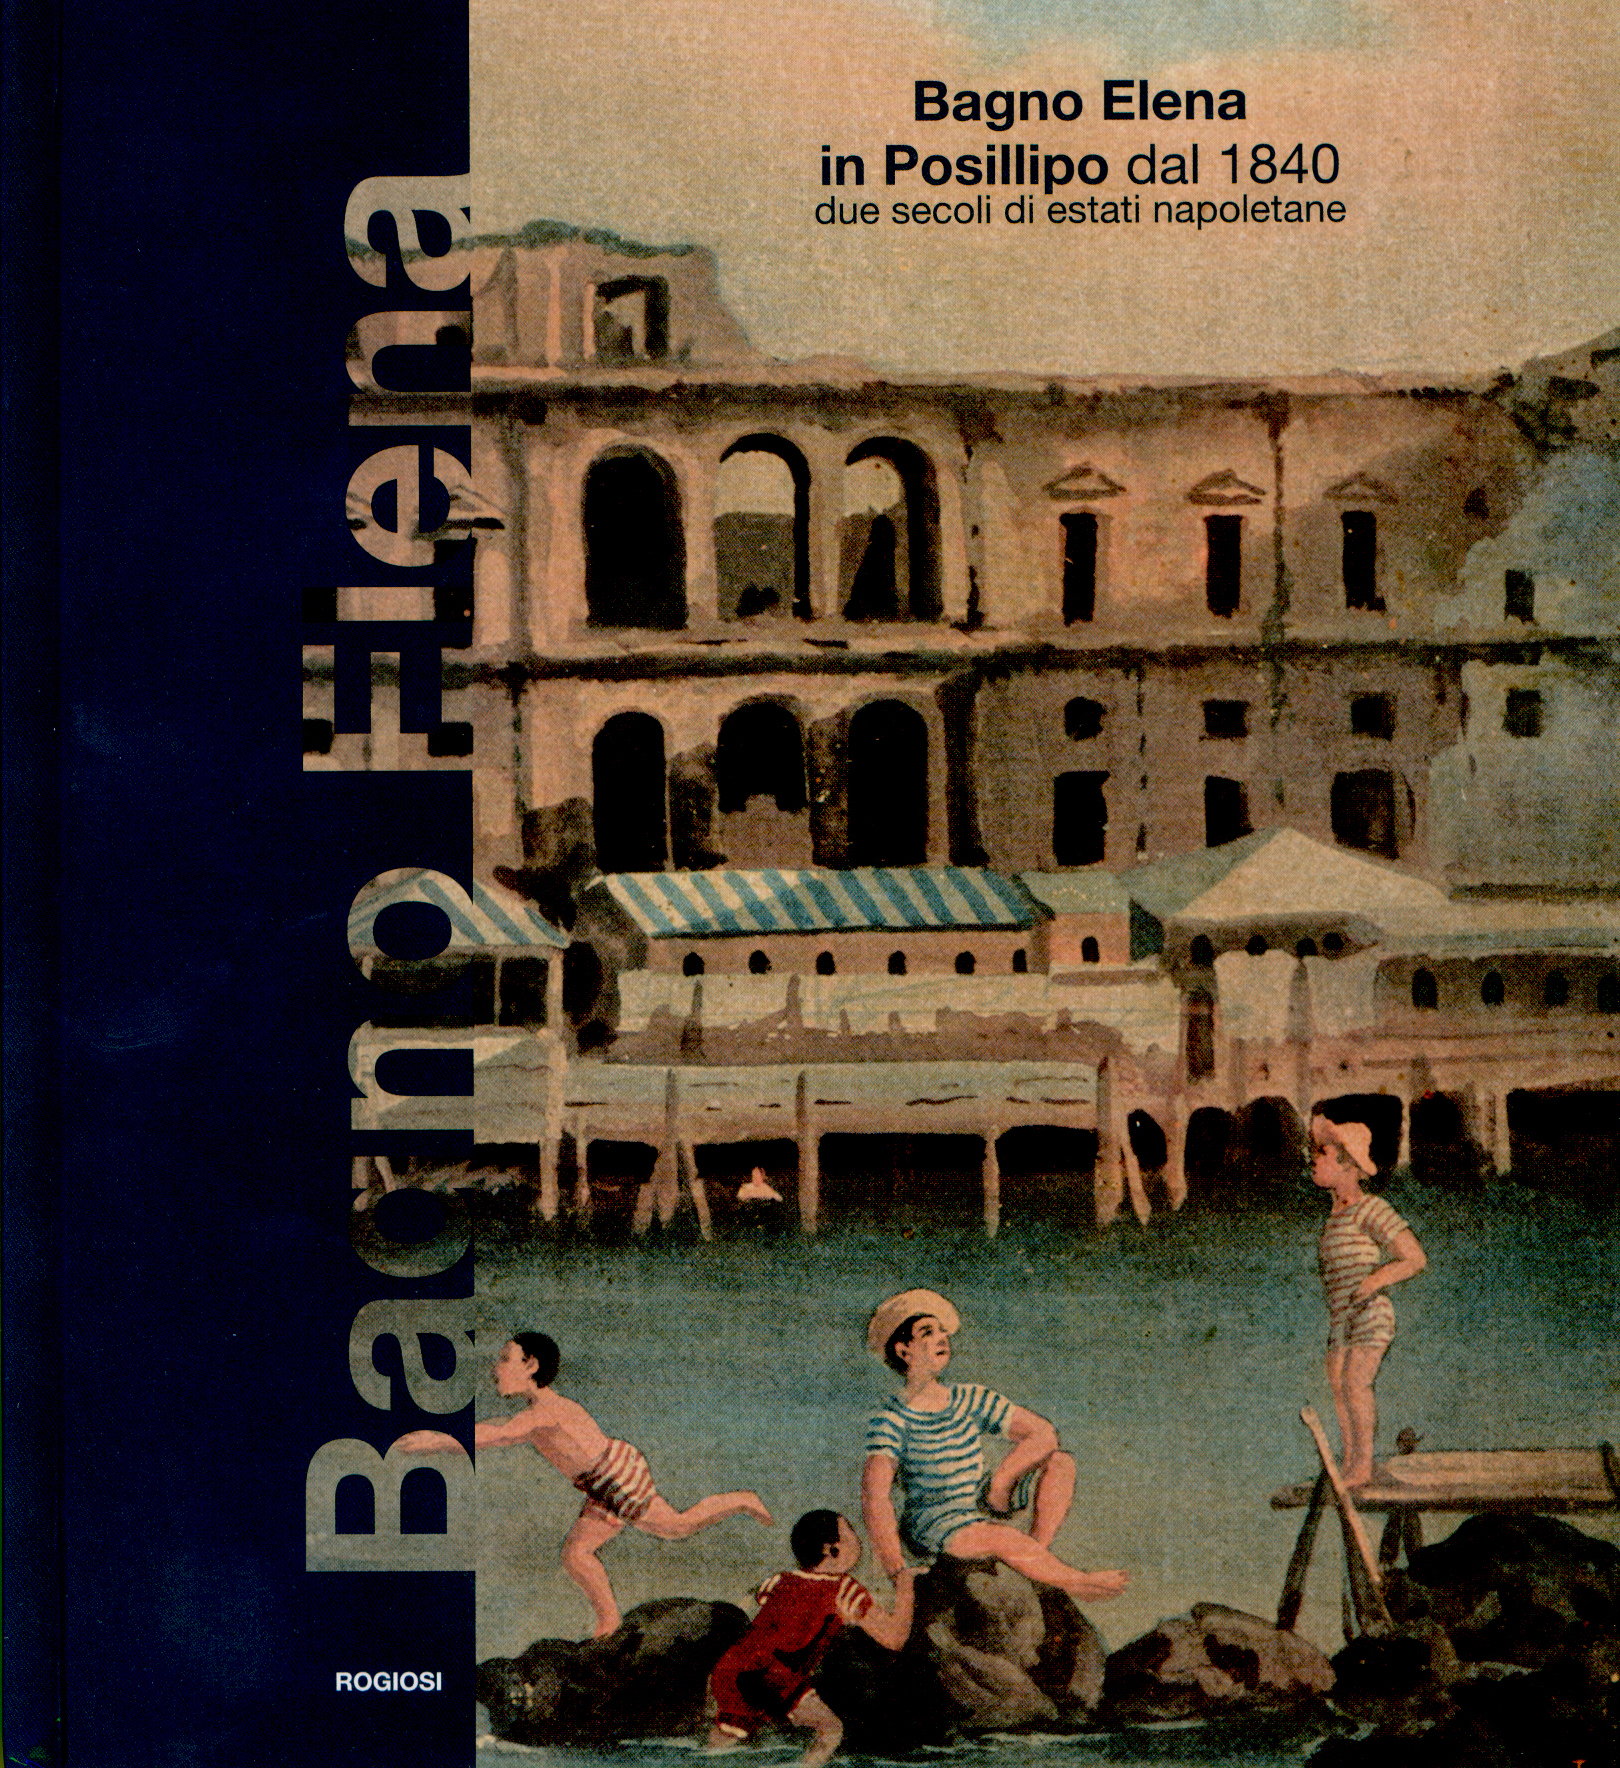 Fondazione Mediterraneo - BAGNO ELENA IN POSILLIPO DAL 1840